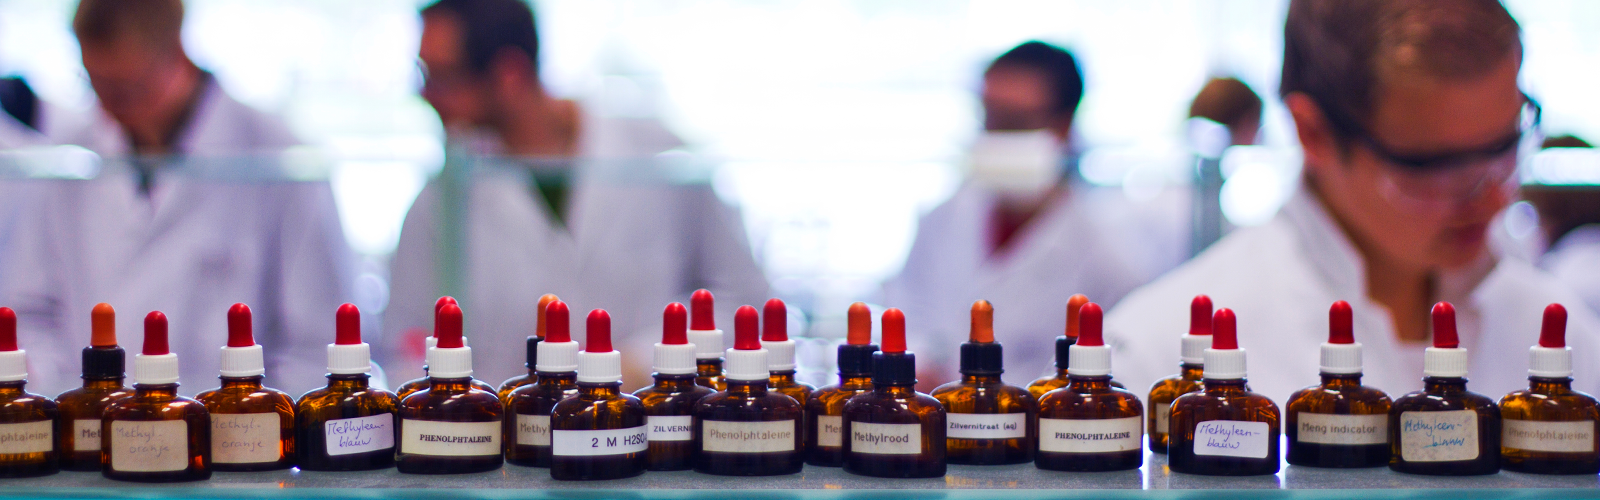 Studenten scheikunde krijgen onderwijs in het laboratorium.